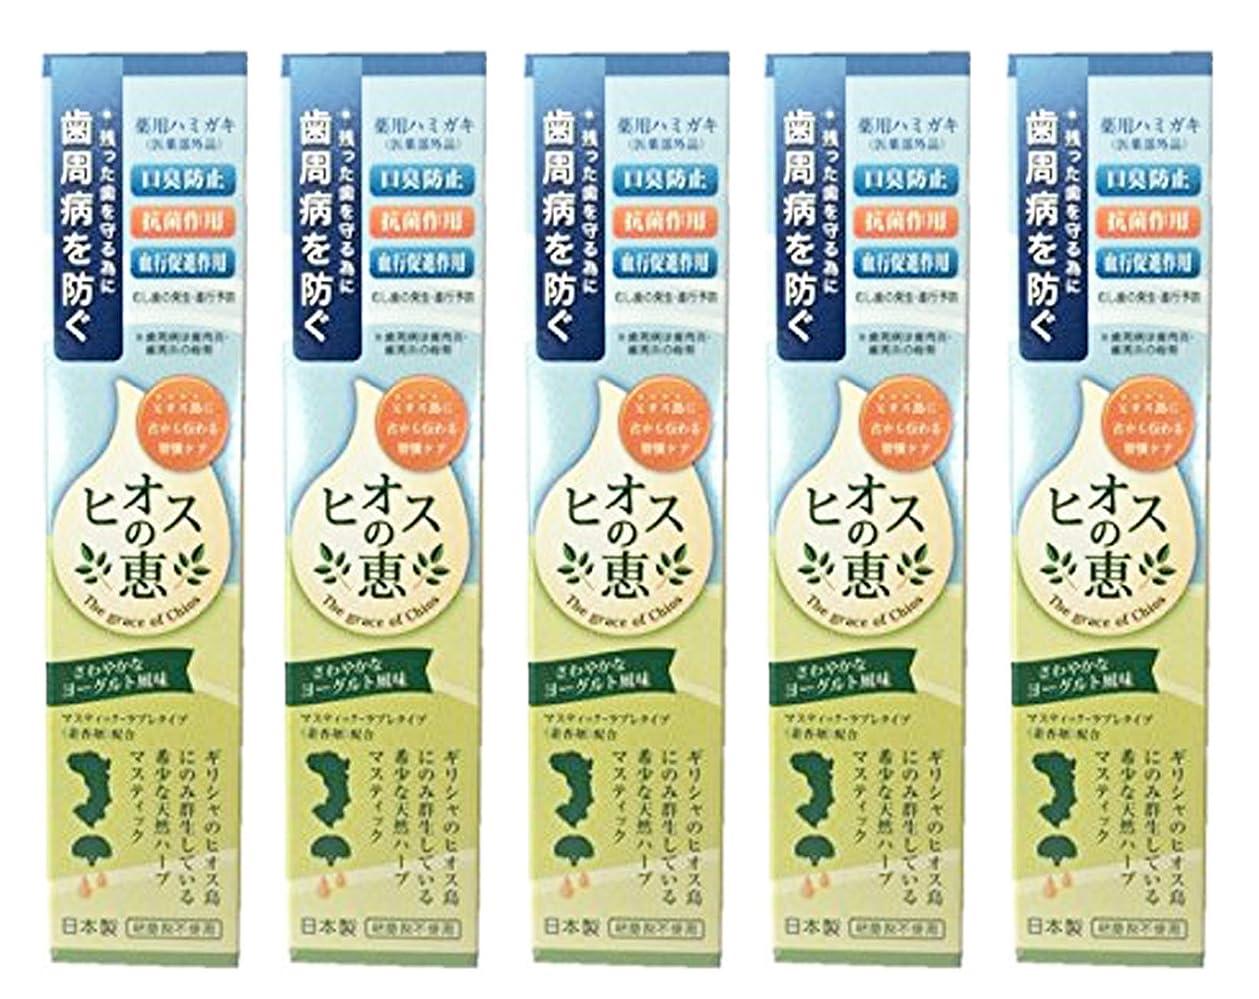 依存する修正する韓国ヒオスの恵 60g 【まとめ買い1個60g×5個】薬用ハミガキ 日本製